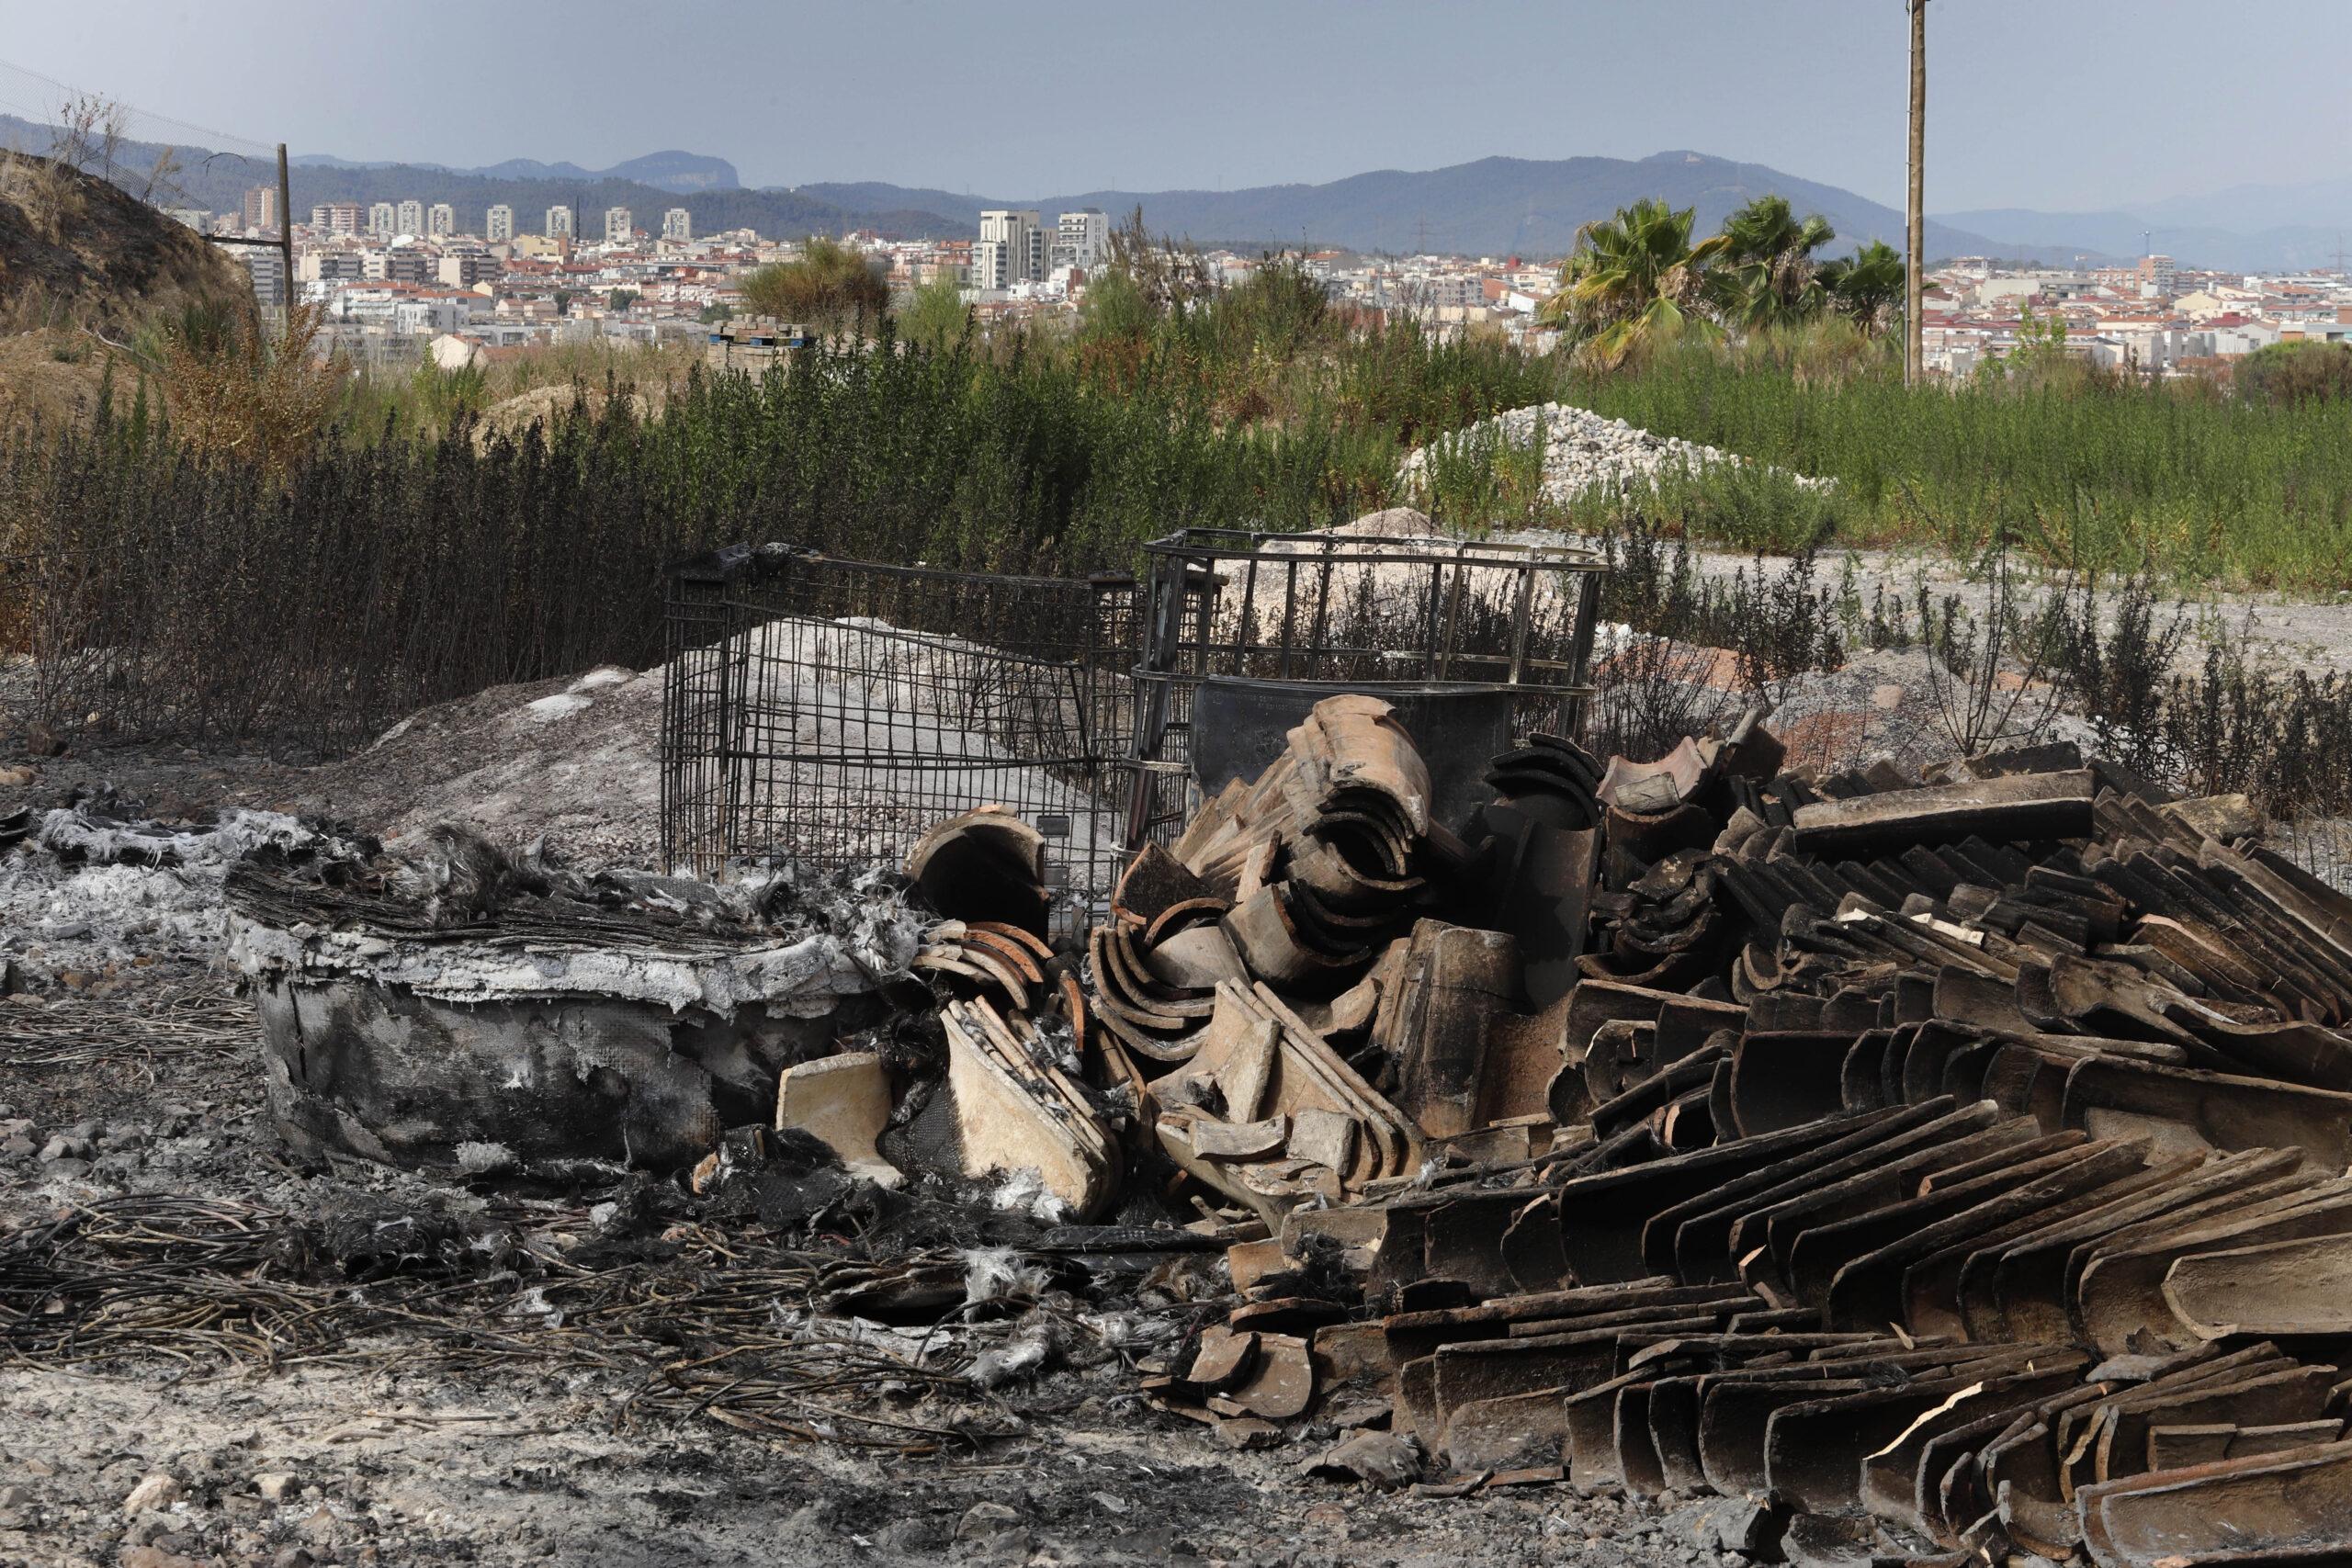 Les Martines vistes per Cristóbal Castro el dia després del gran incendi/Cristóbal Castro